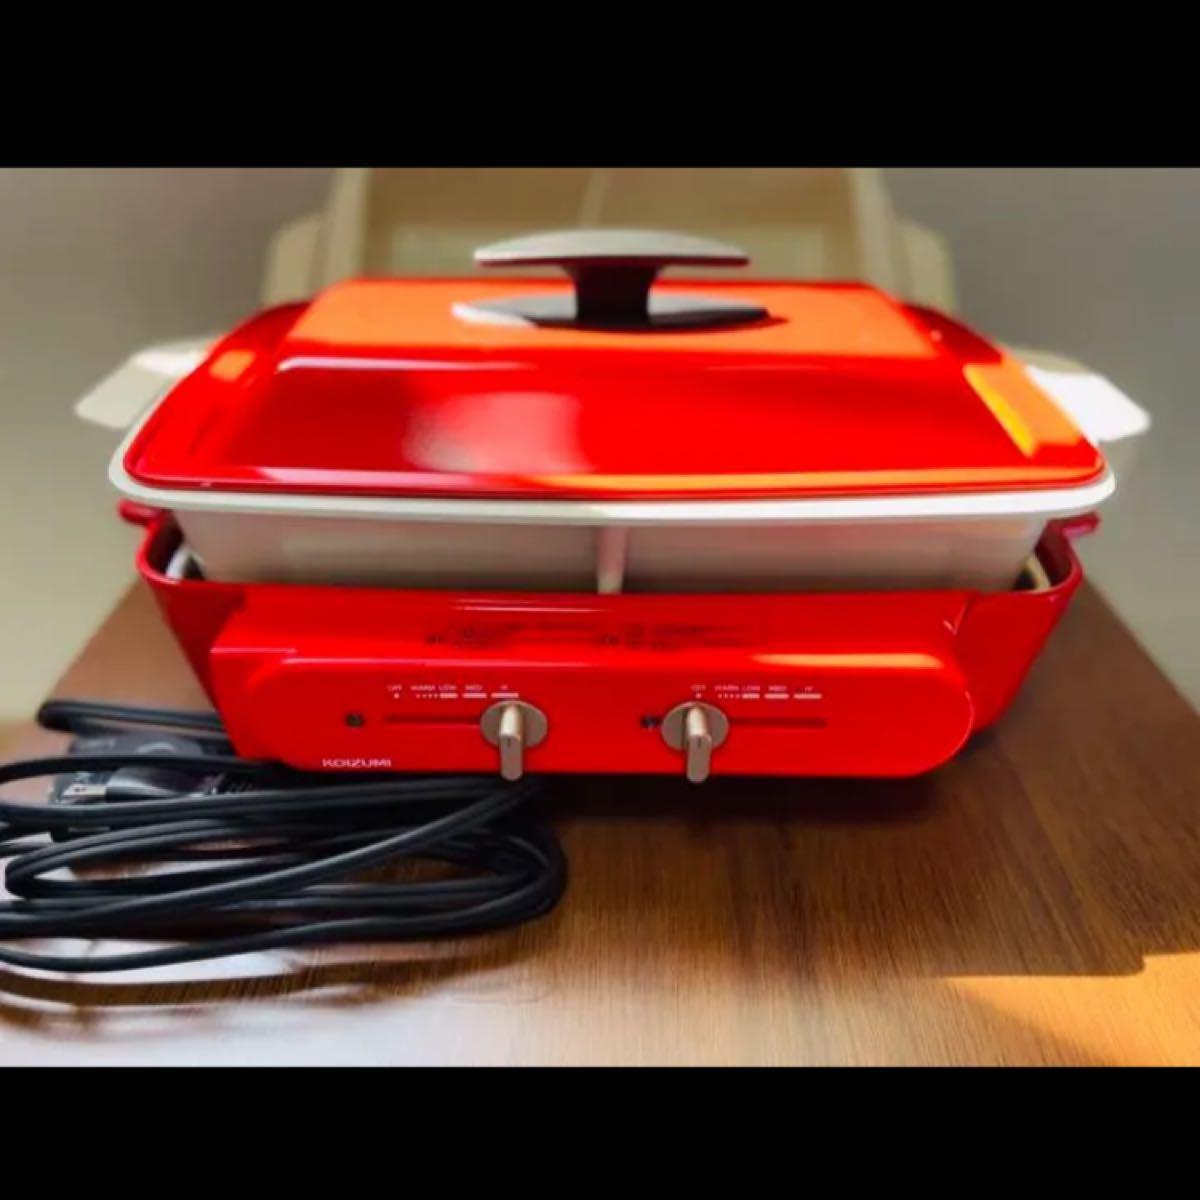 コイズミ ksg-1200 セパレートグリラー ホットプレート 鍋  コンパクトグリル コンパクトホットプレート